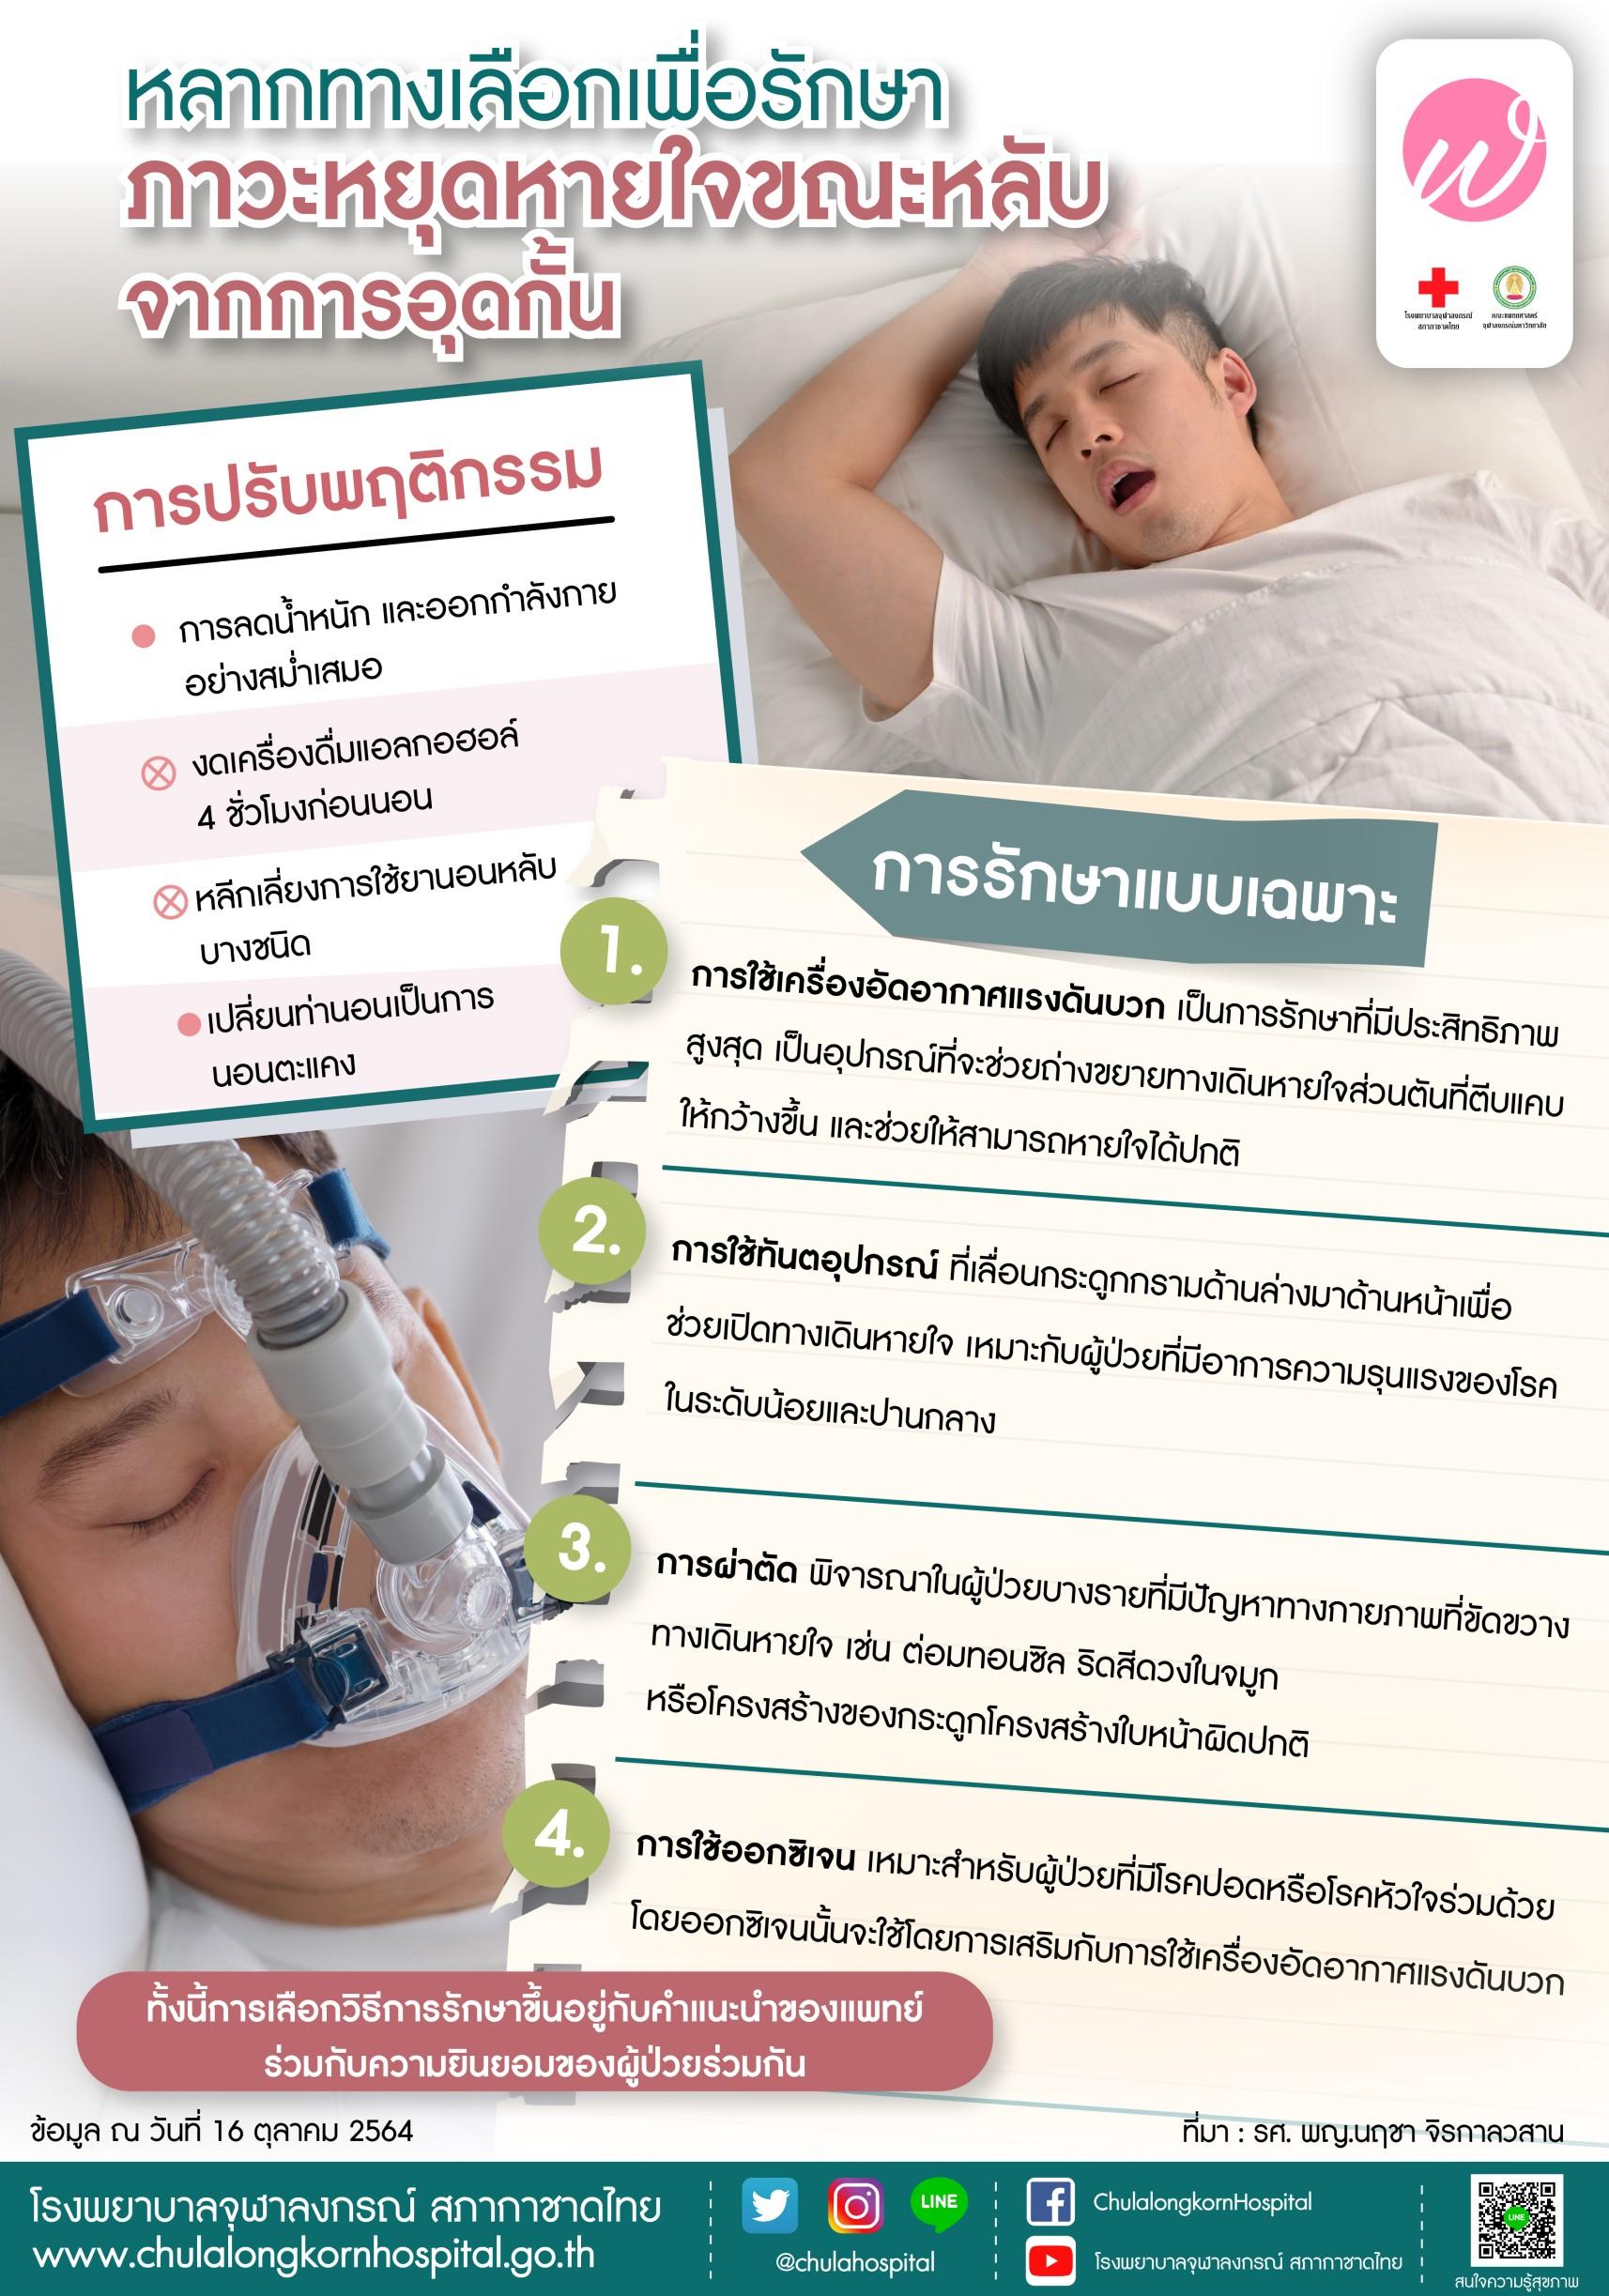 หลากทางเลือกเพื่อรักษาภาวะหยุดหายใจขณะหลับจากการอุดกั้น